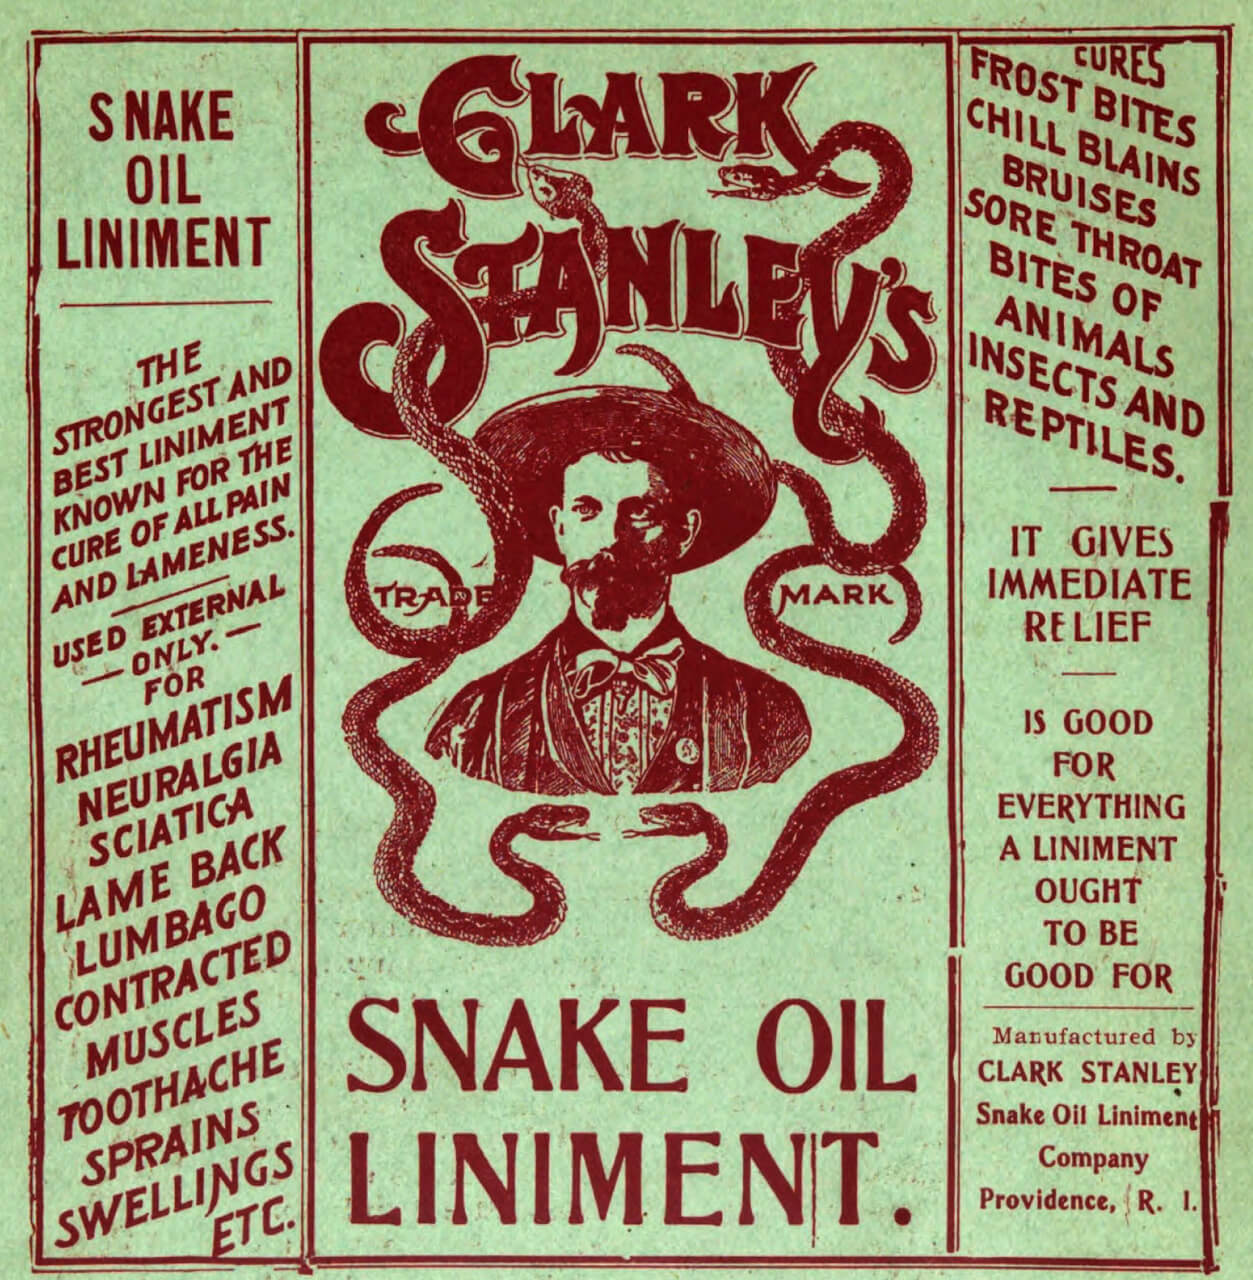 The Snake Oil of Start...